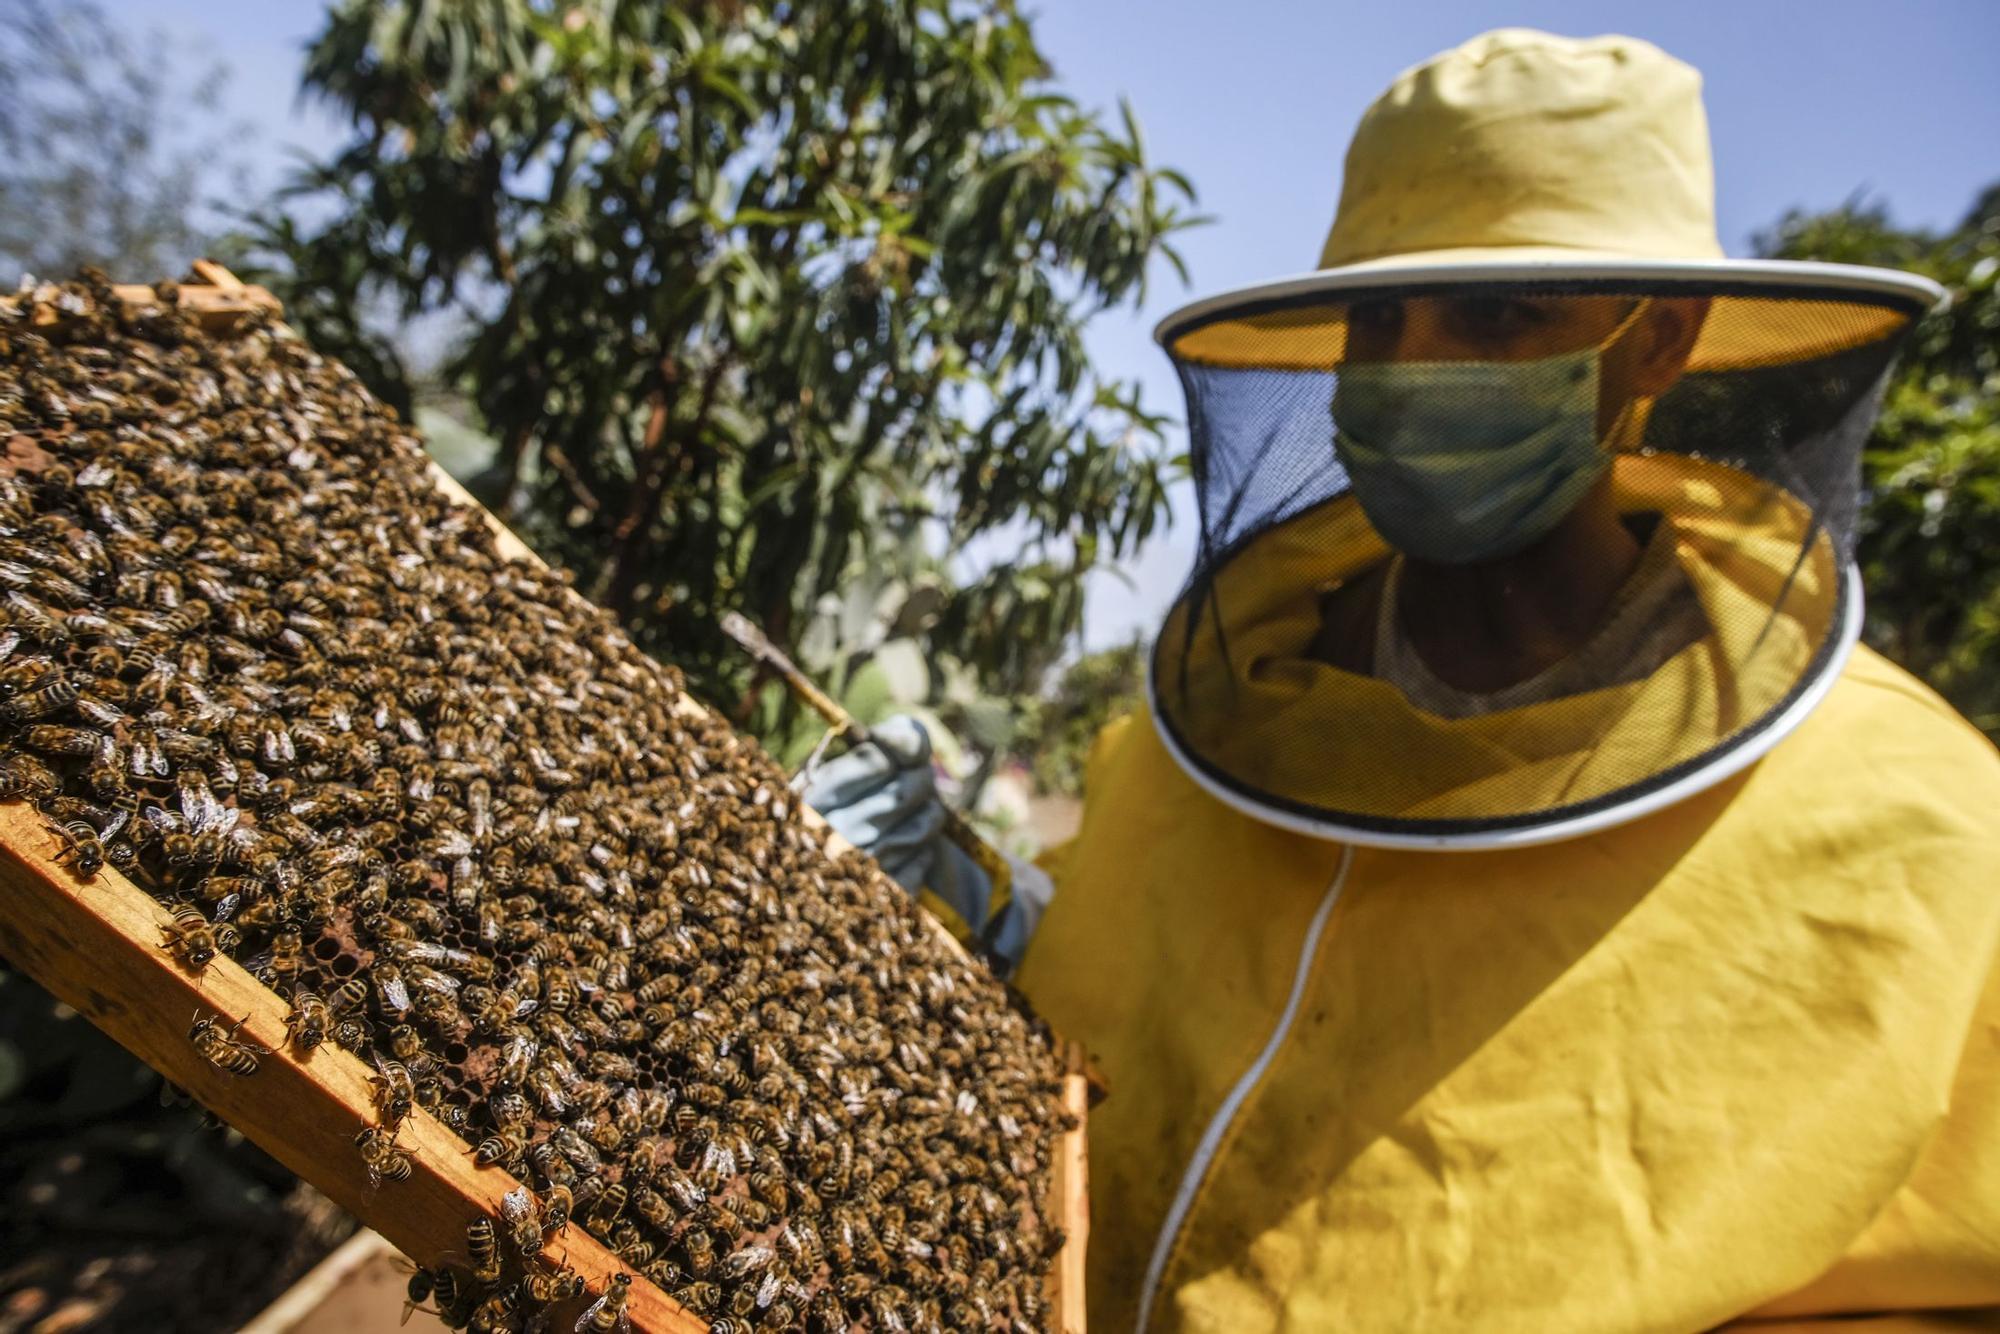 Colmenar en Moya del apicultor Iván Santana